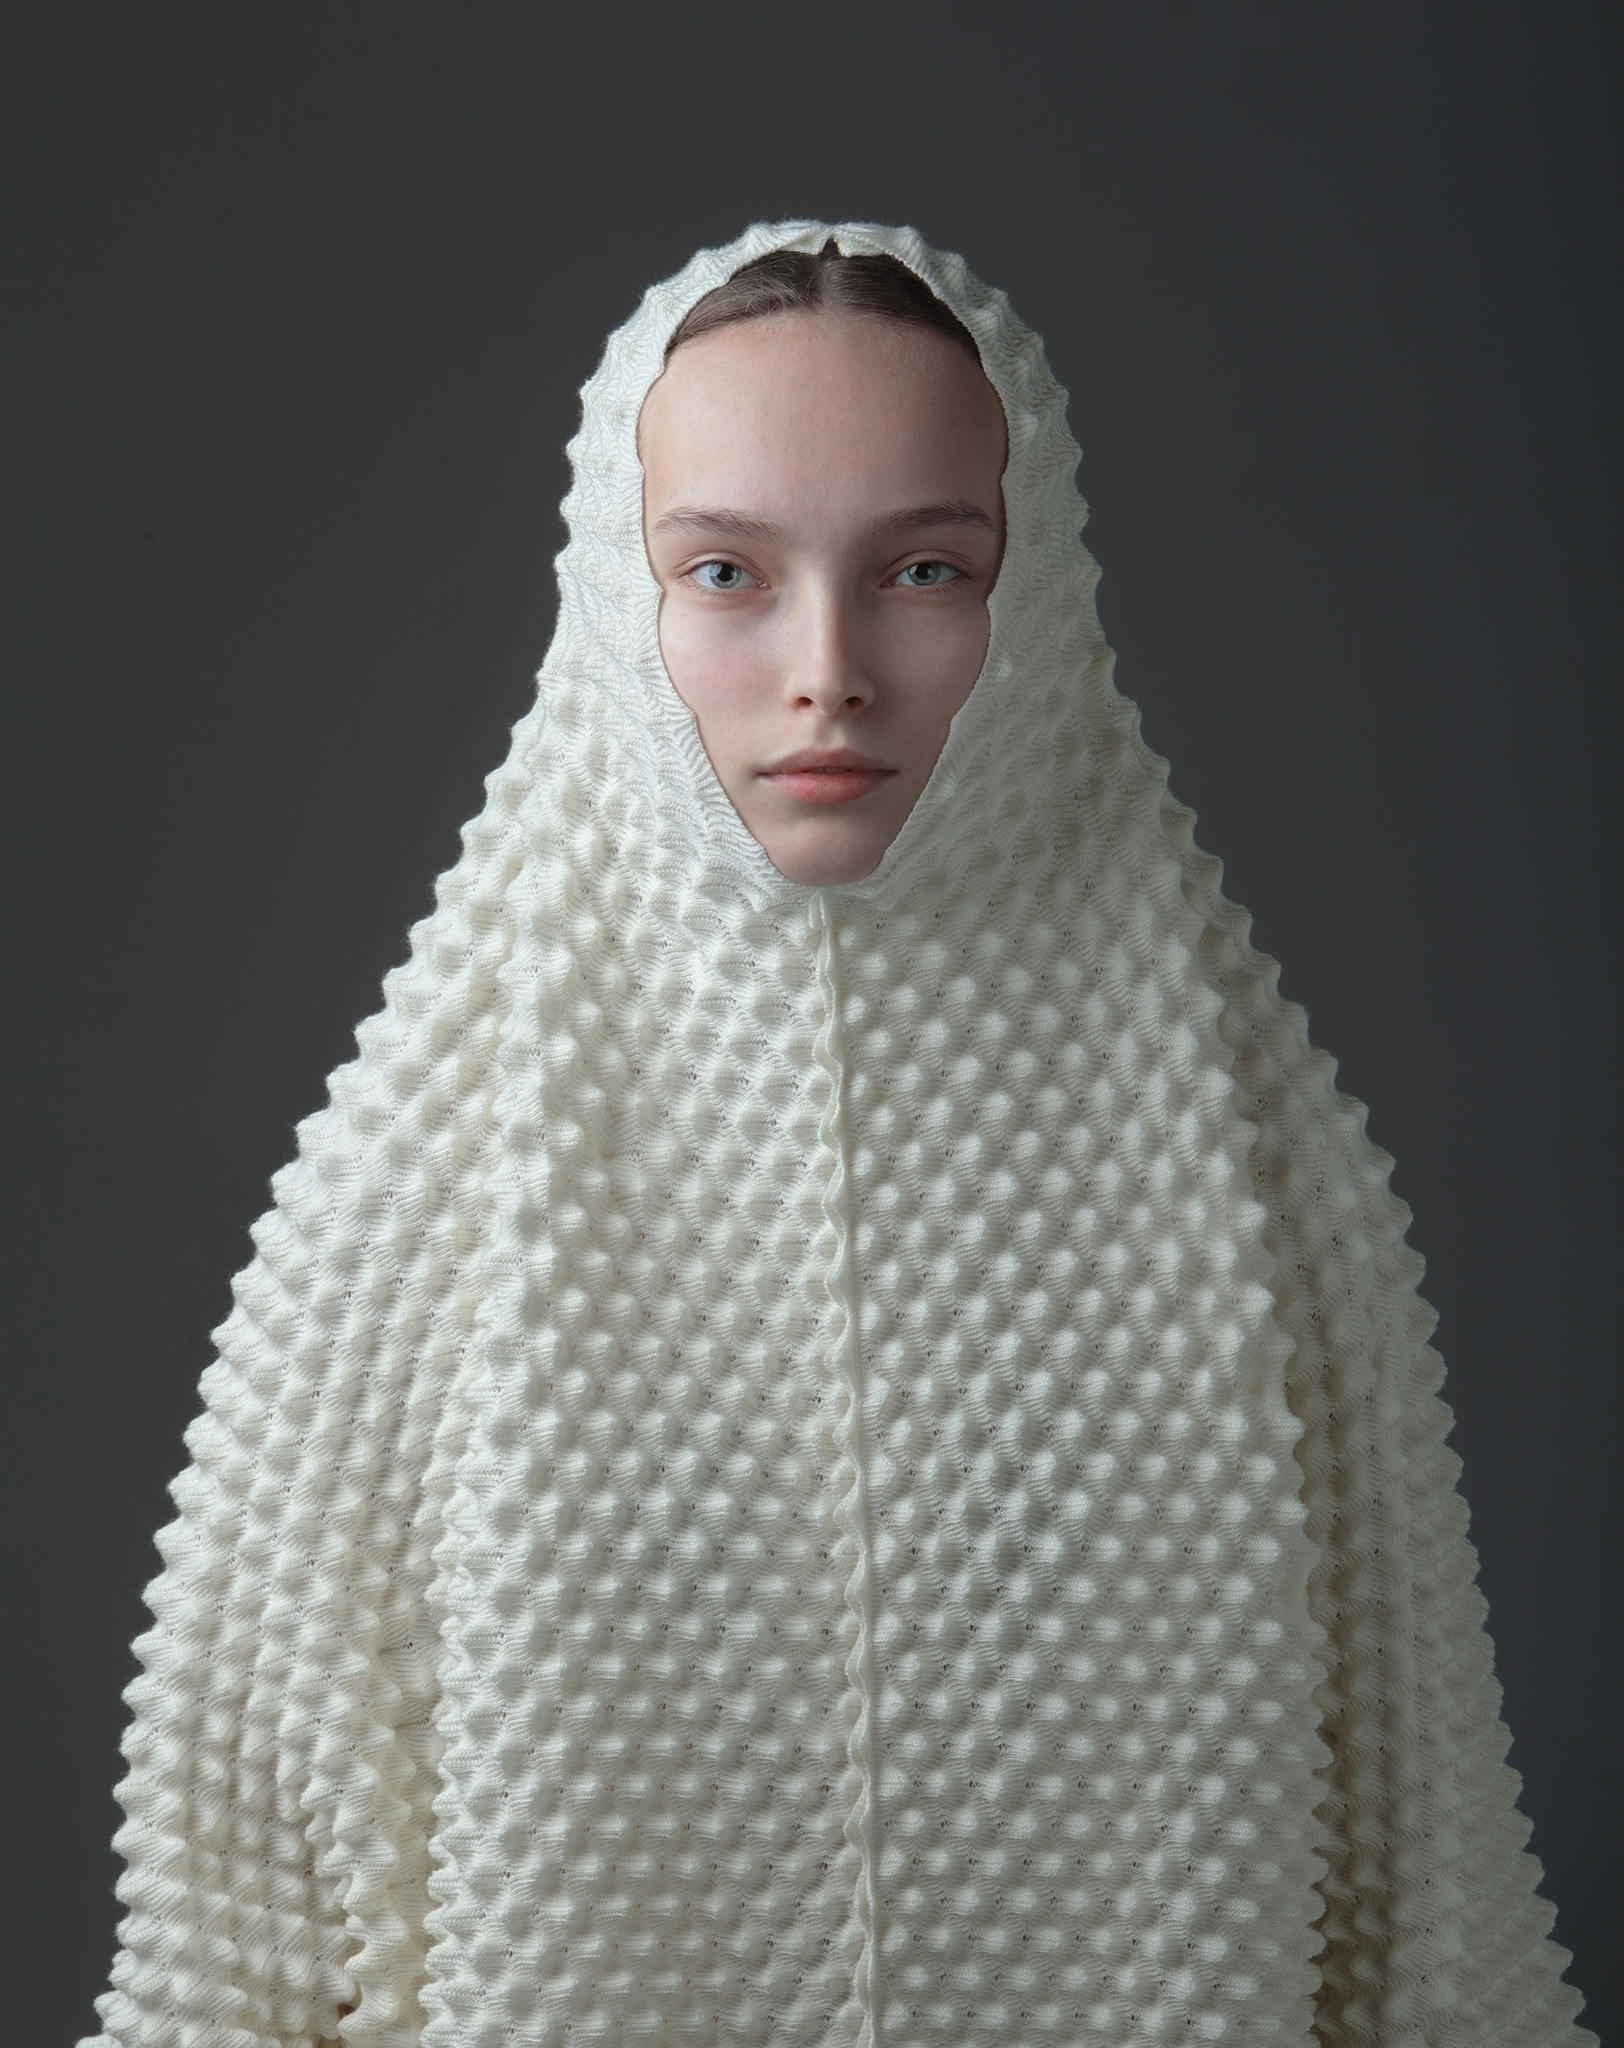 chrysalis - fashion, portraitseries - marekwurfl | ello